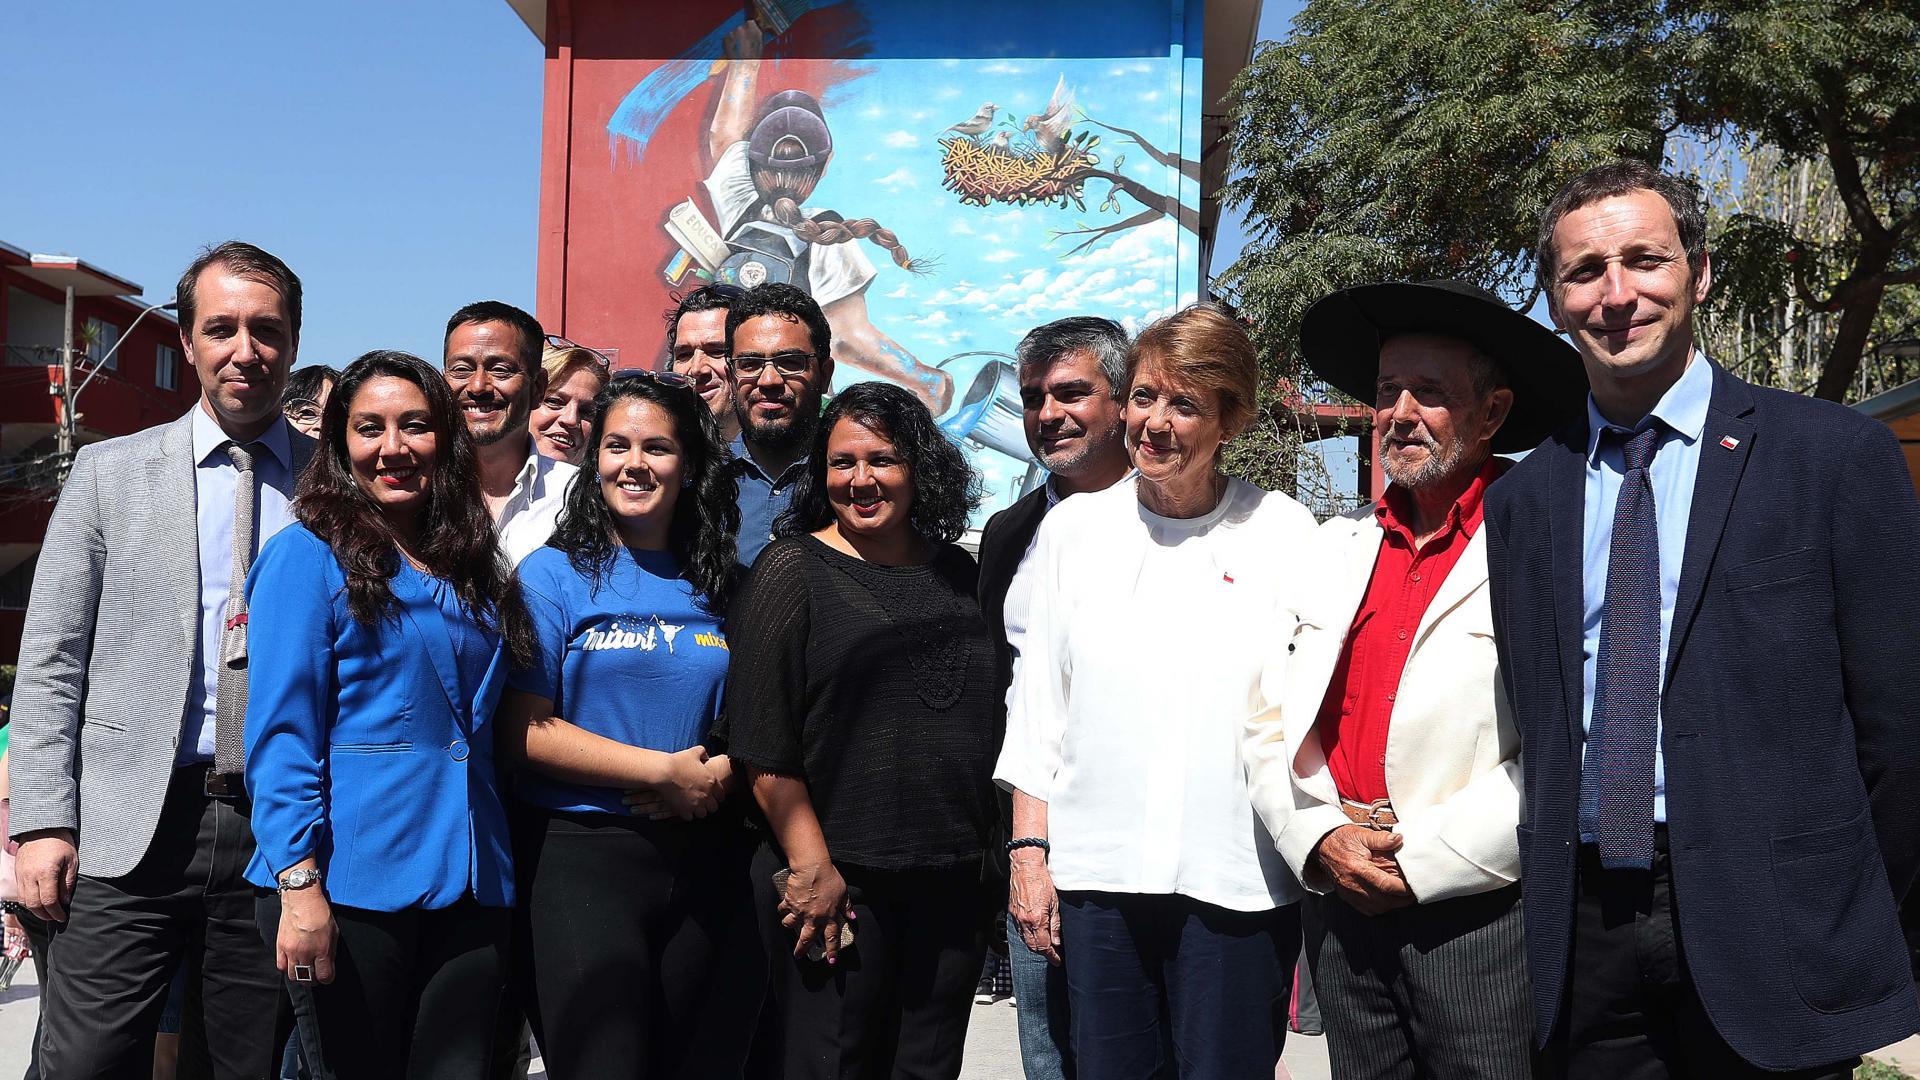 Imagen de Ministra Valdés lanza convocatoria para el Día del Patrimonio 2019 e inaugura mural en el Museo a Cielo Abierto en San Miguel